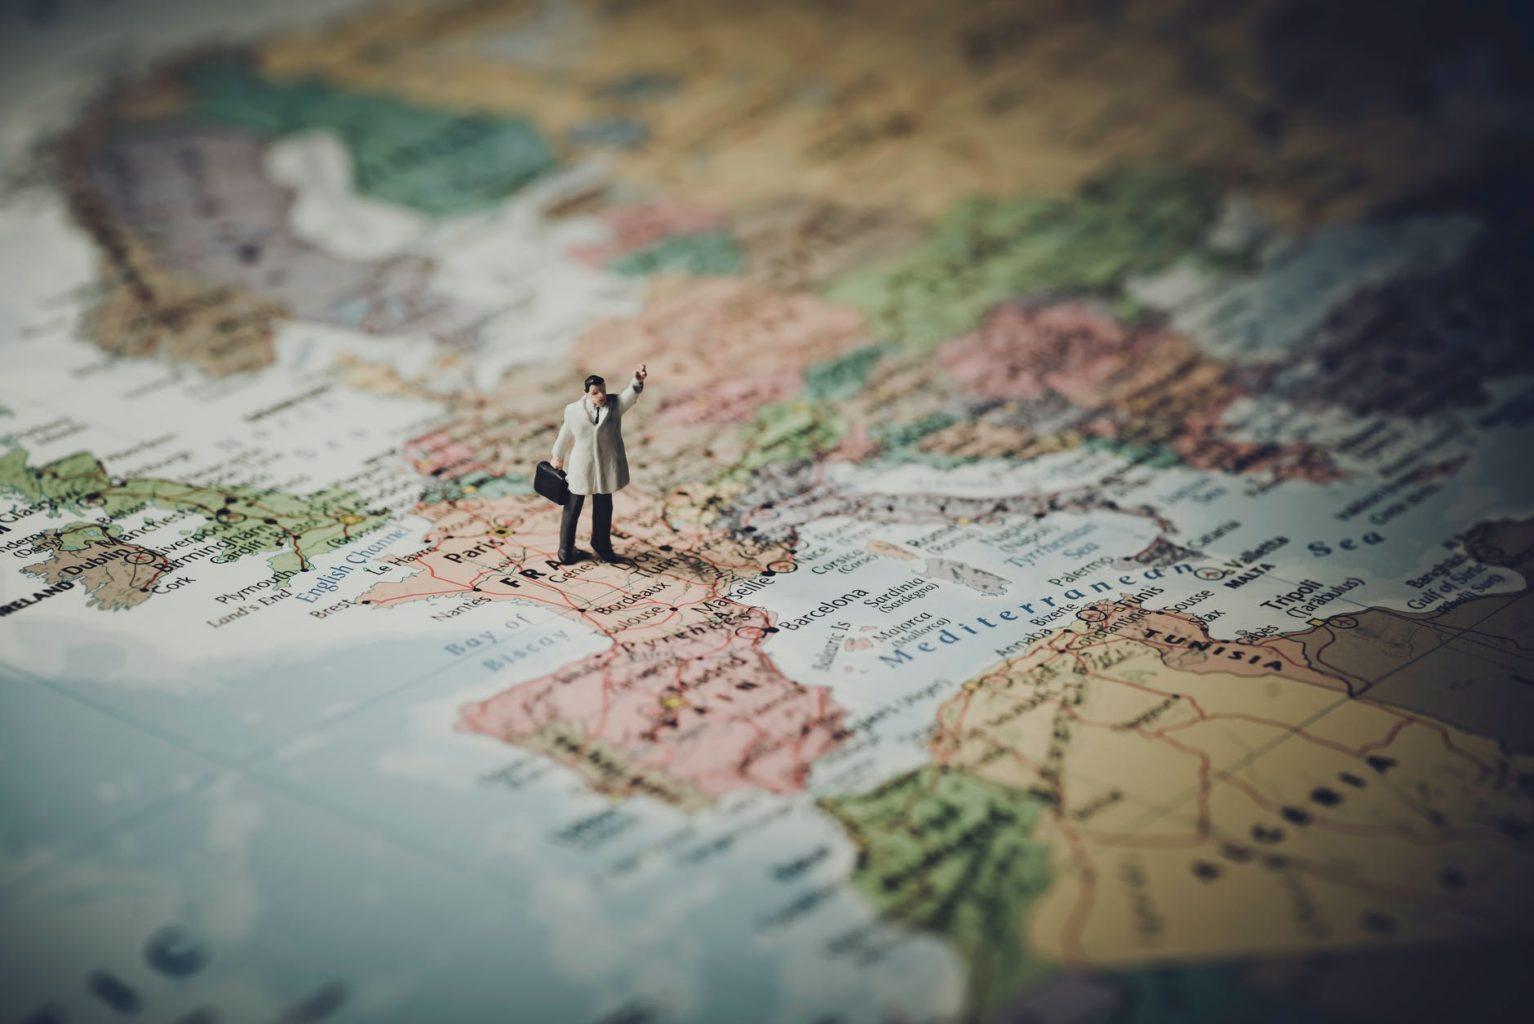 Летний отдых 2021: какие страны ослабляют карантинные ограничения и открывают границы?